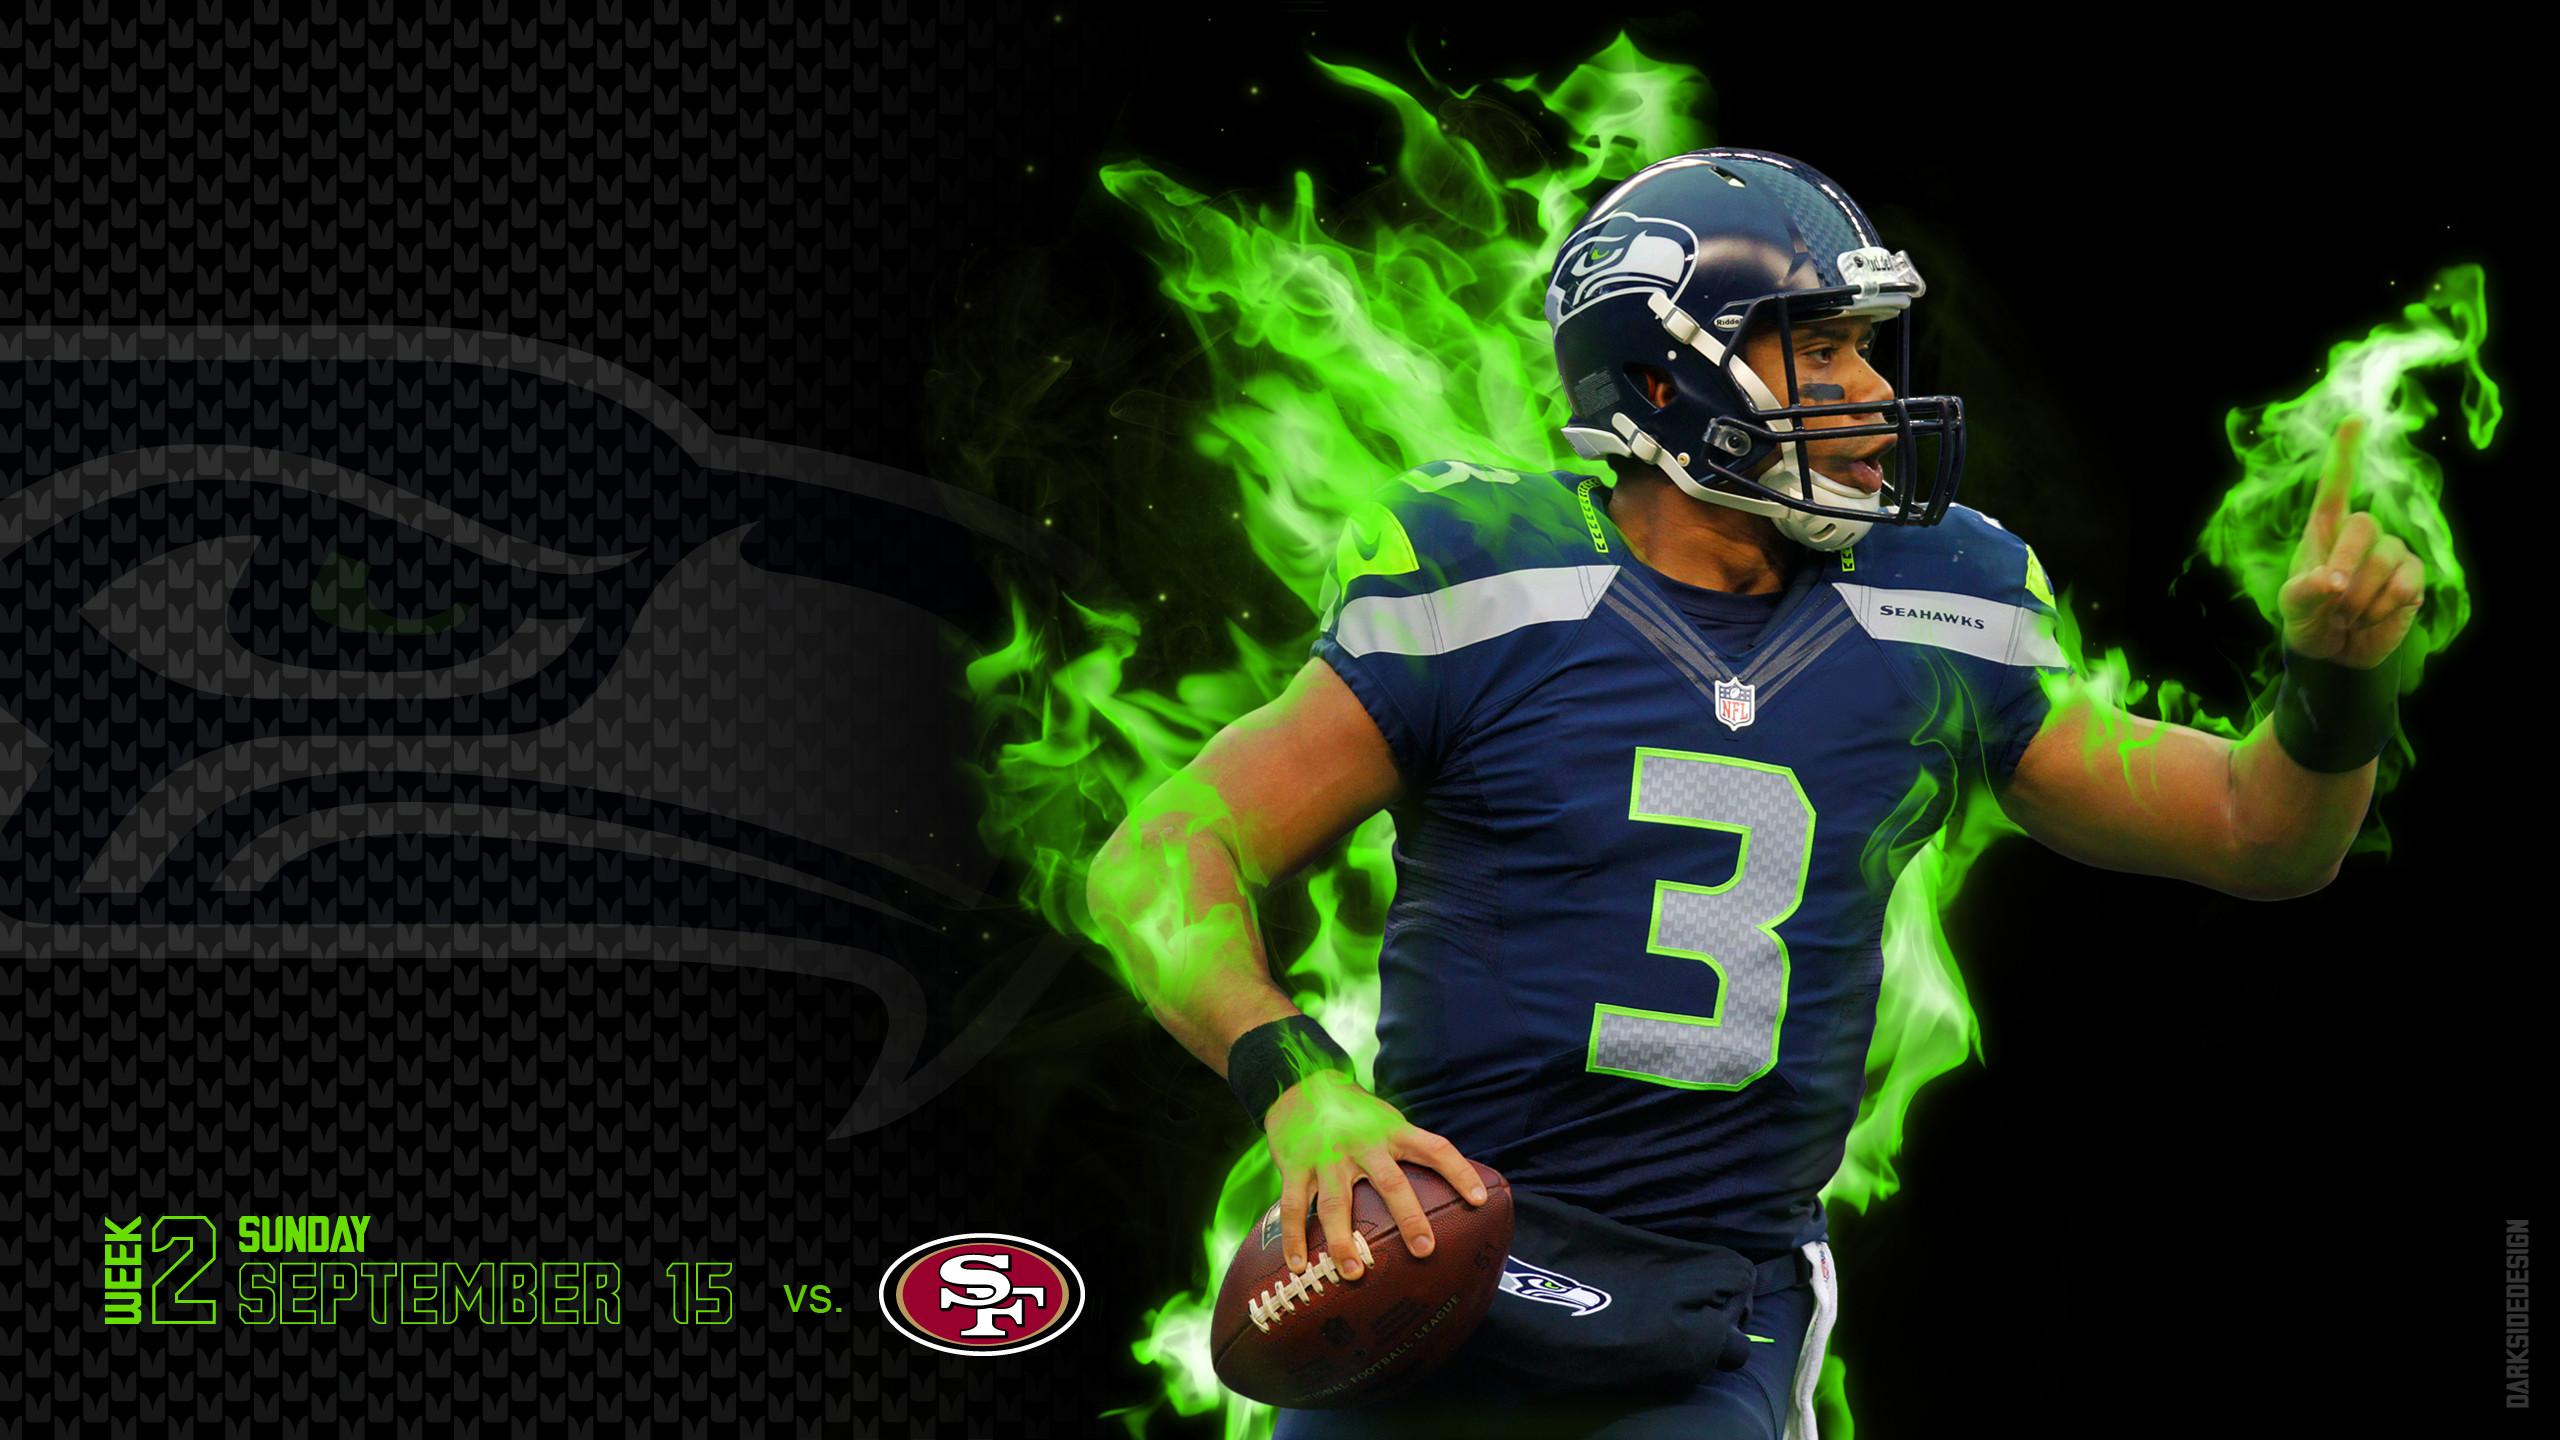 2560x1440 Seattle Seahawks Wallpaper